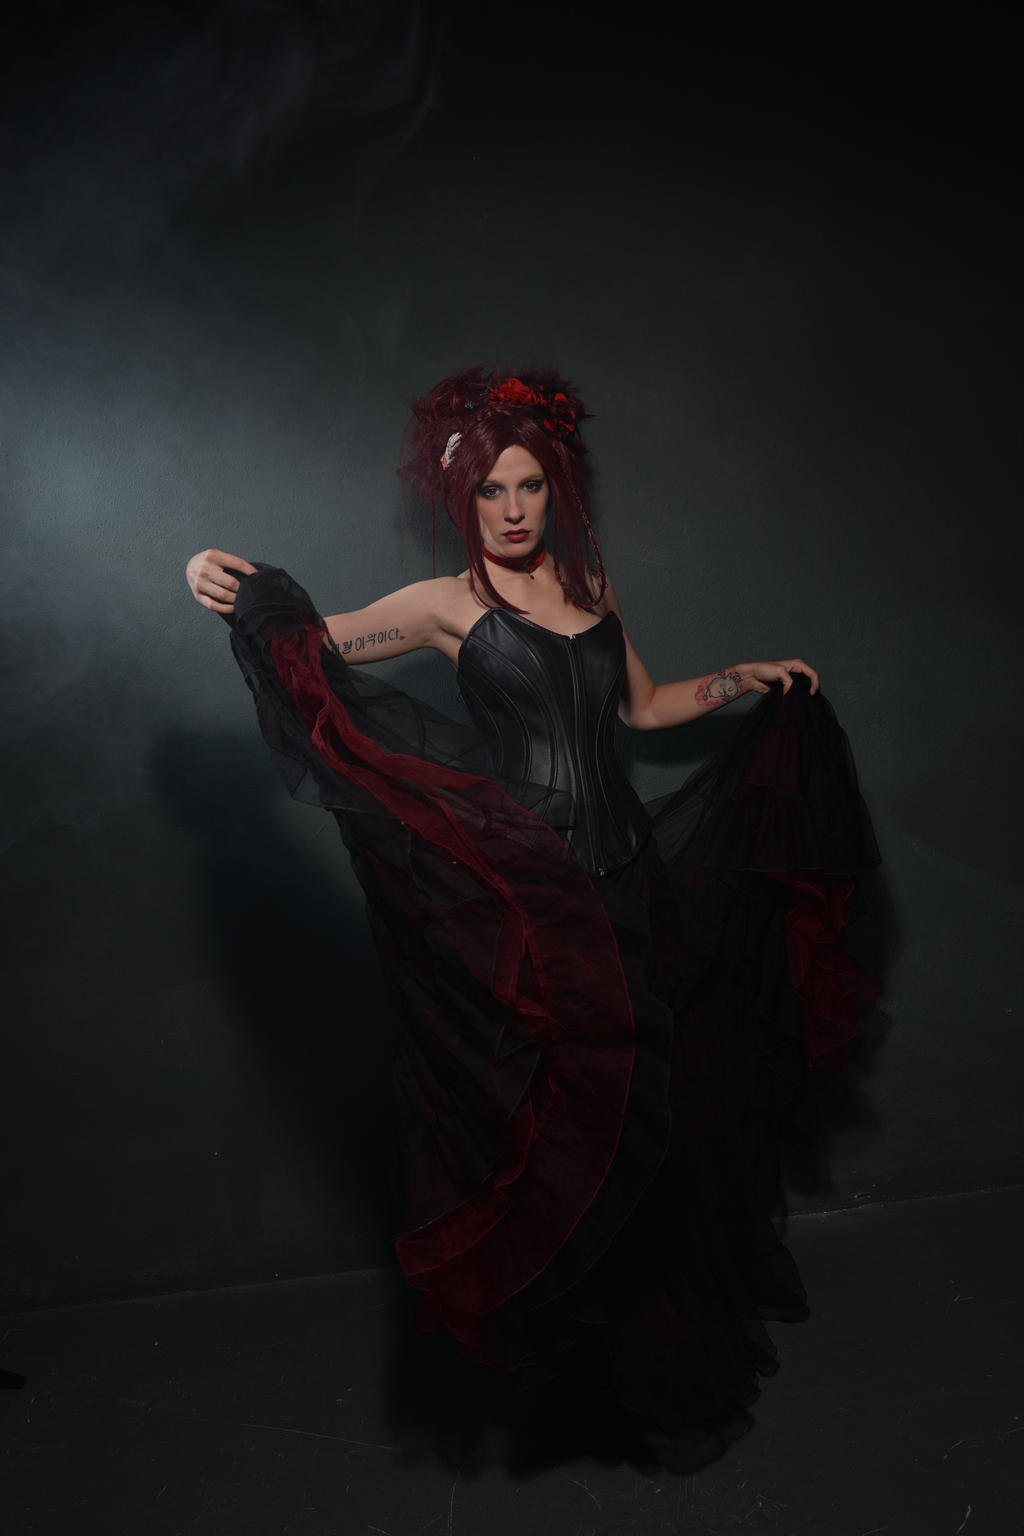 Vampire Queen 05 by KittyTheCat-Stock